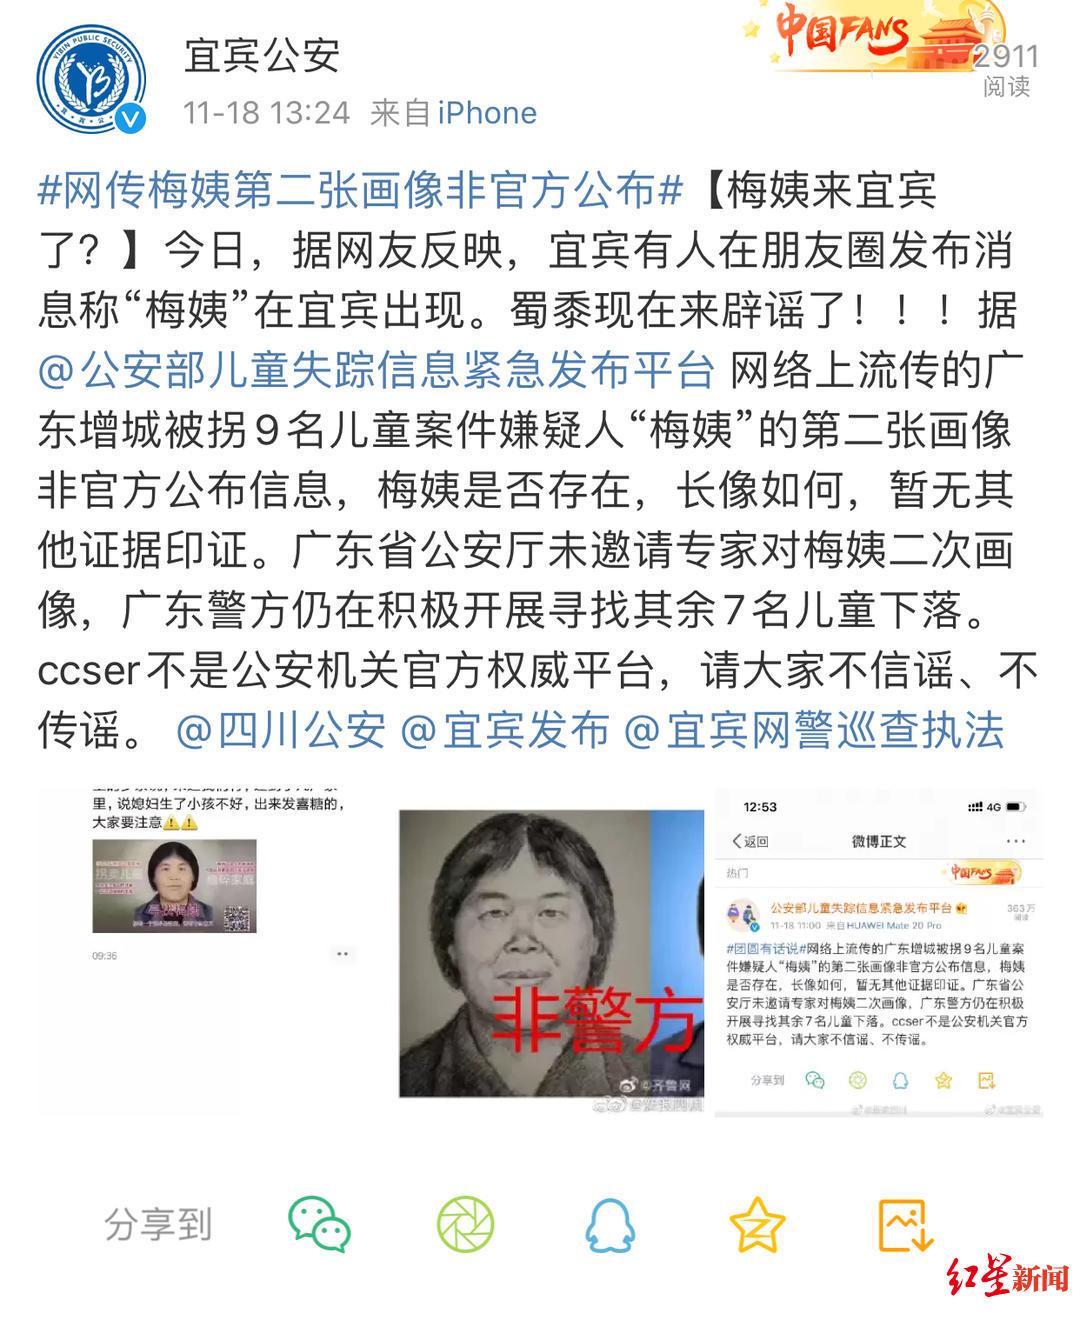 「118宝马论坛」微信、民生手续费